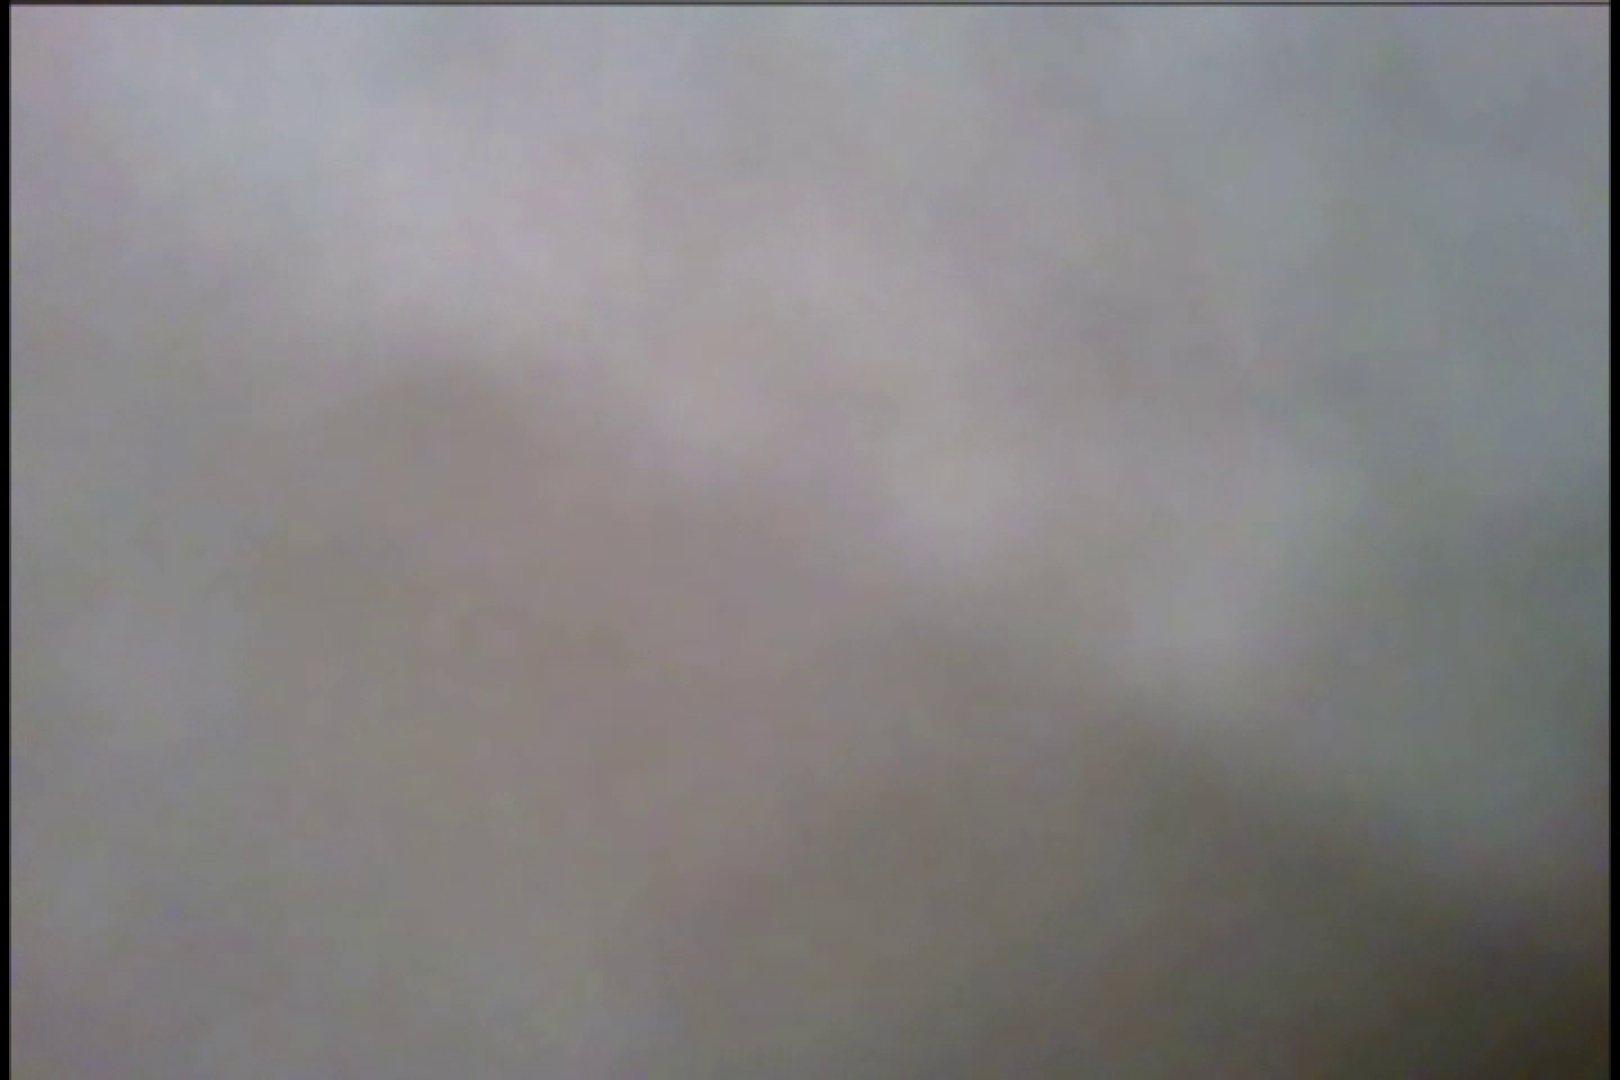 潜入!!女子化粧室盗撮~絶対見られたくない時間~vo,8 潜入 オメコ動画キャプチャ 67画像 54